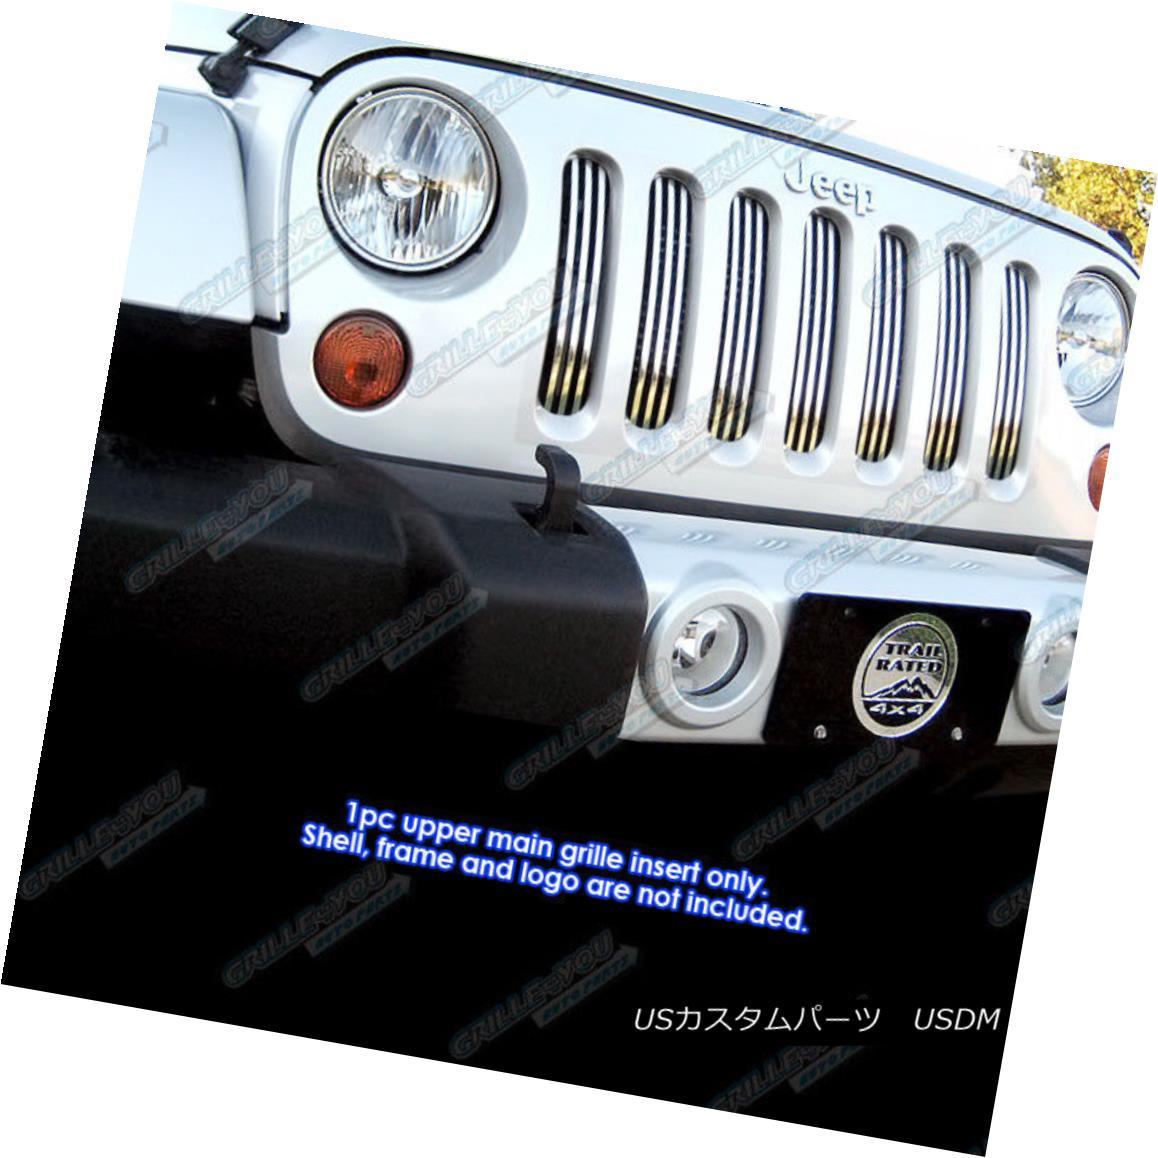 グリル Fits 2007-2017 Jeep Wrangler Vertical Perimeter CNC Cut Grille nsert フィット2007-2017ジープラングラー垂直周縁CNCカットグリルインサート